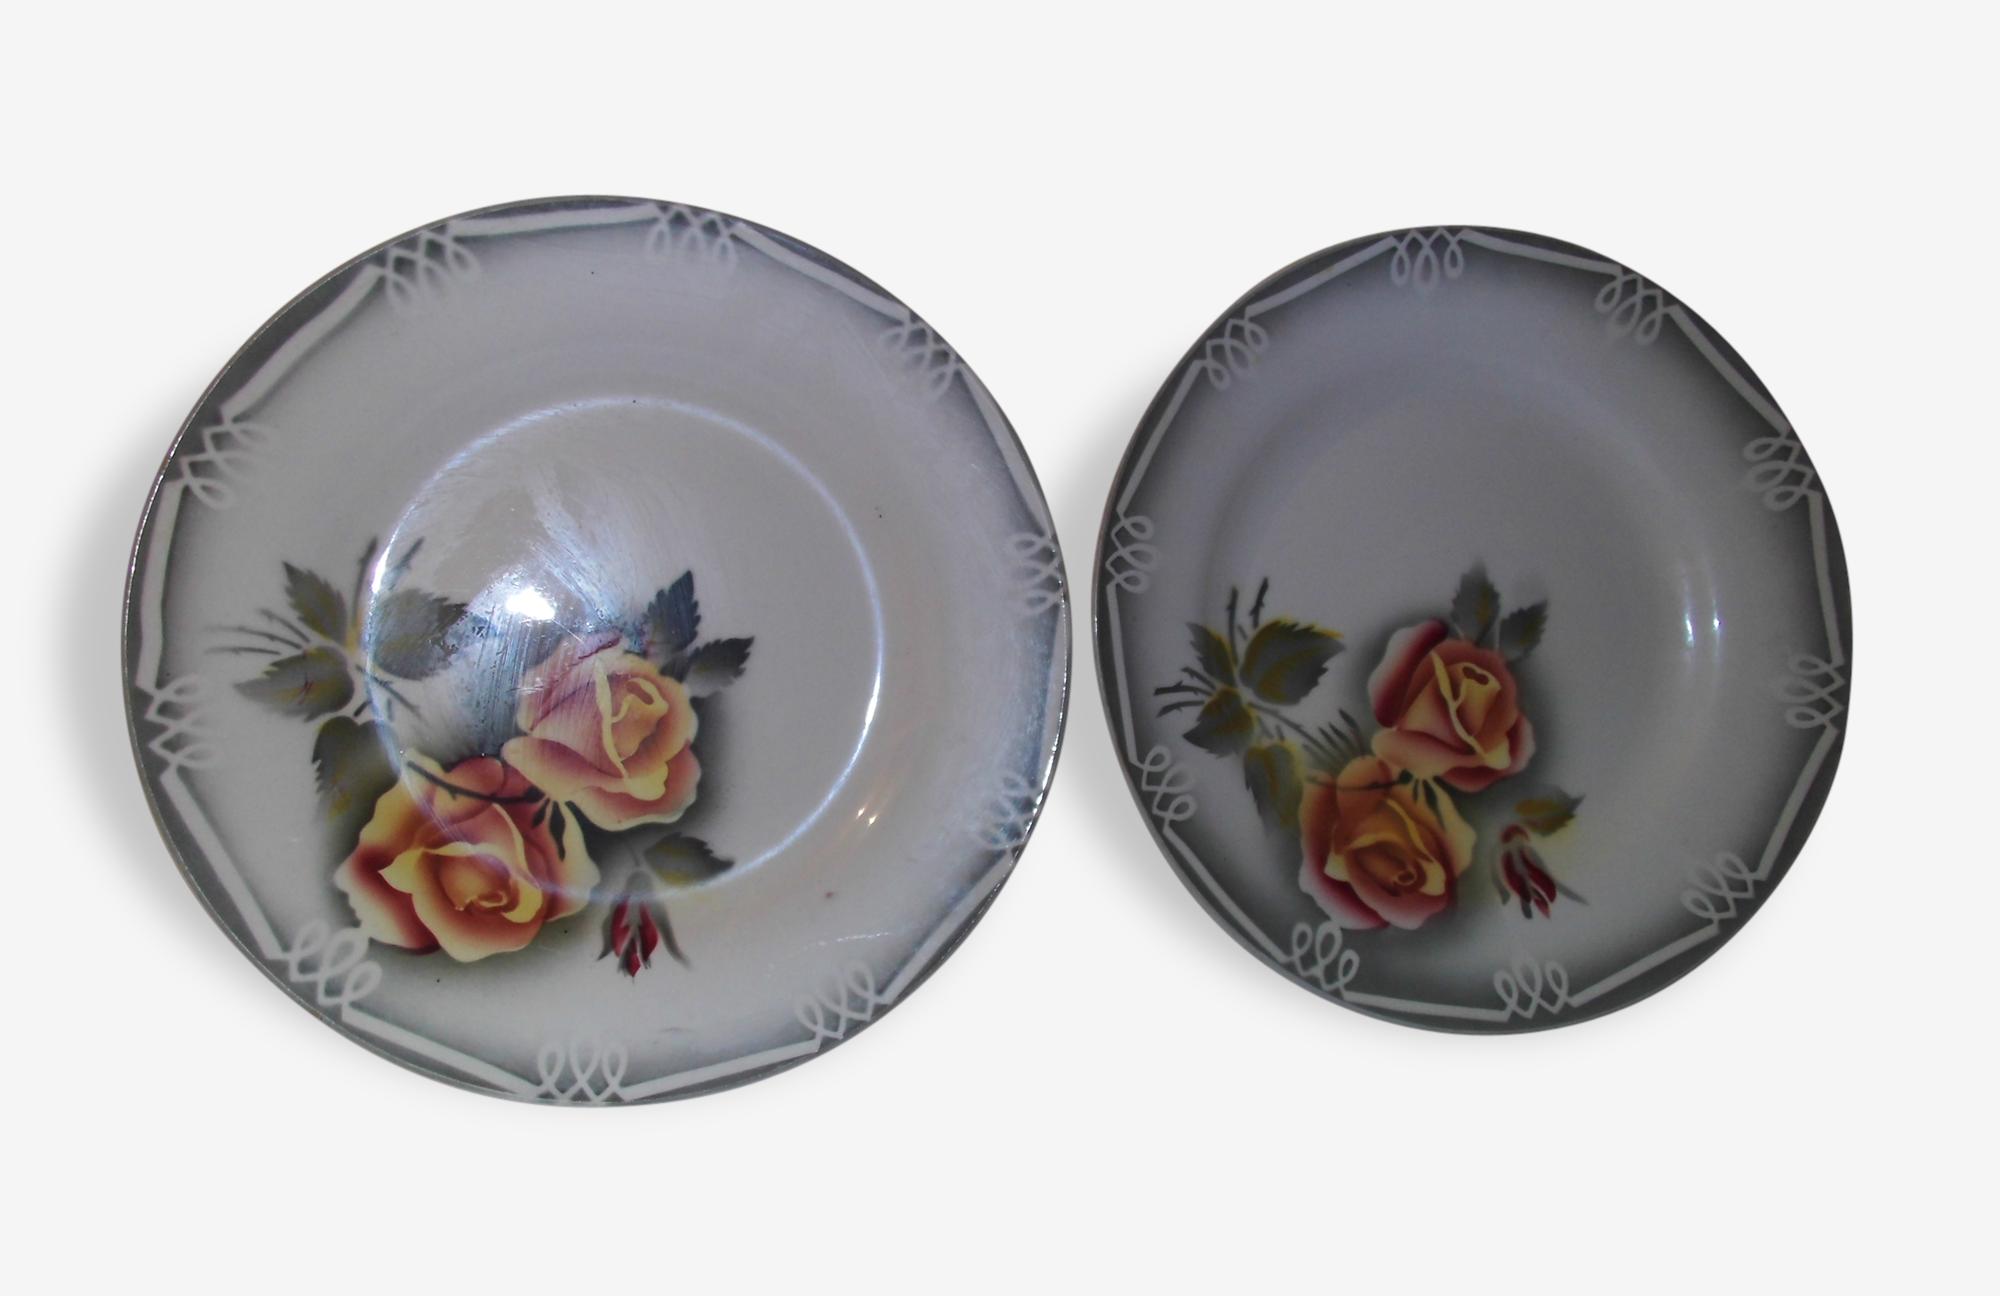 Lot de 2 assiettes plates - Sarreguemines Digoin - modèle Adele